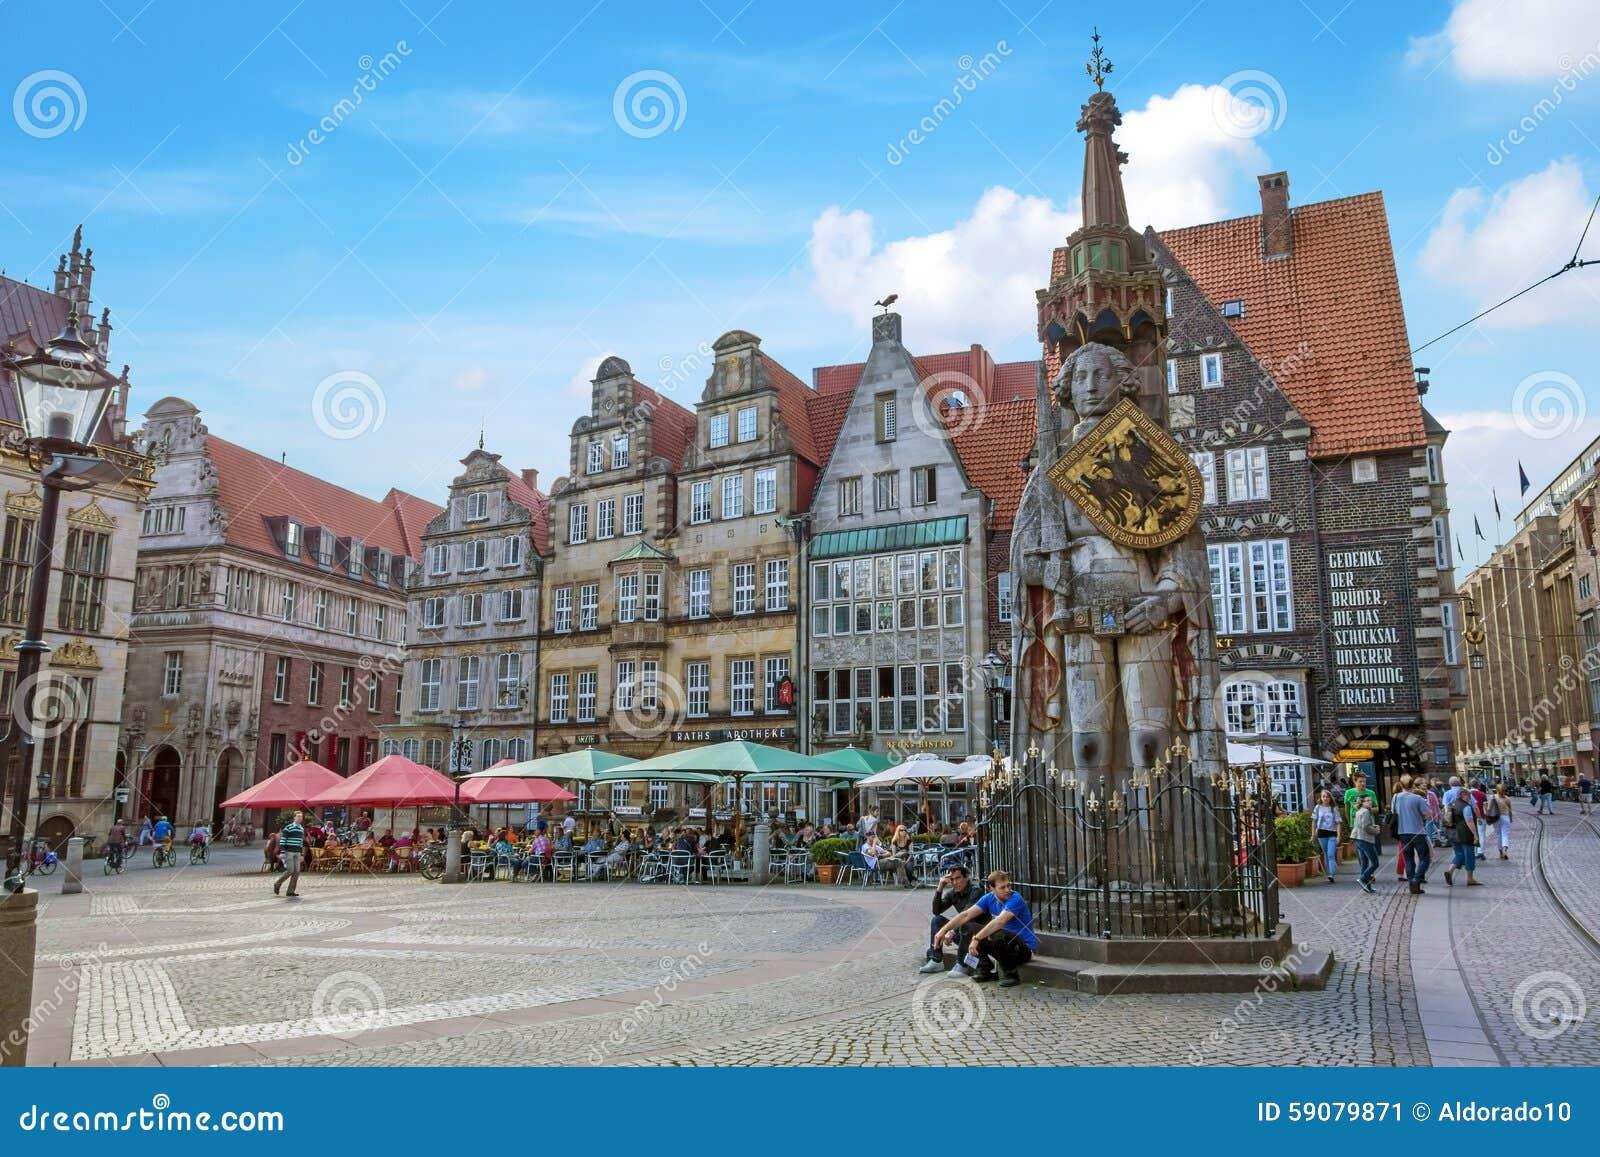 bremen markt alte stadt mit roland statue redaktionelles foto bild von stadt geschichte. Black Bedroom Furniture Sets. Home Design Ideas